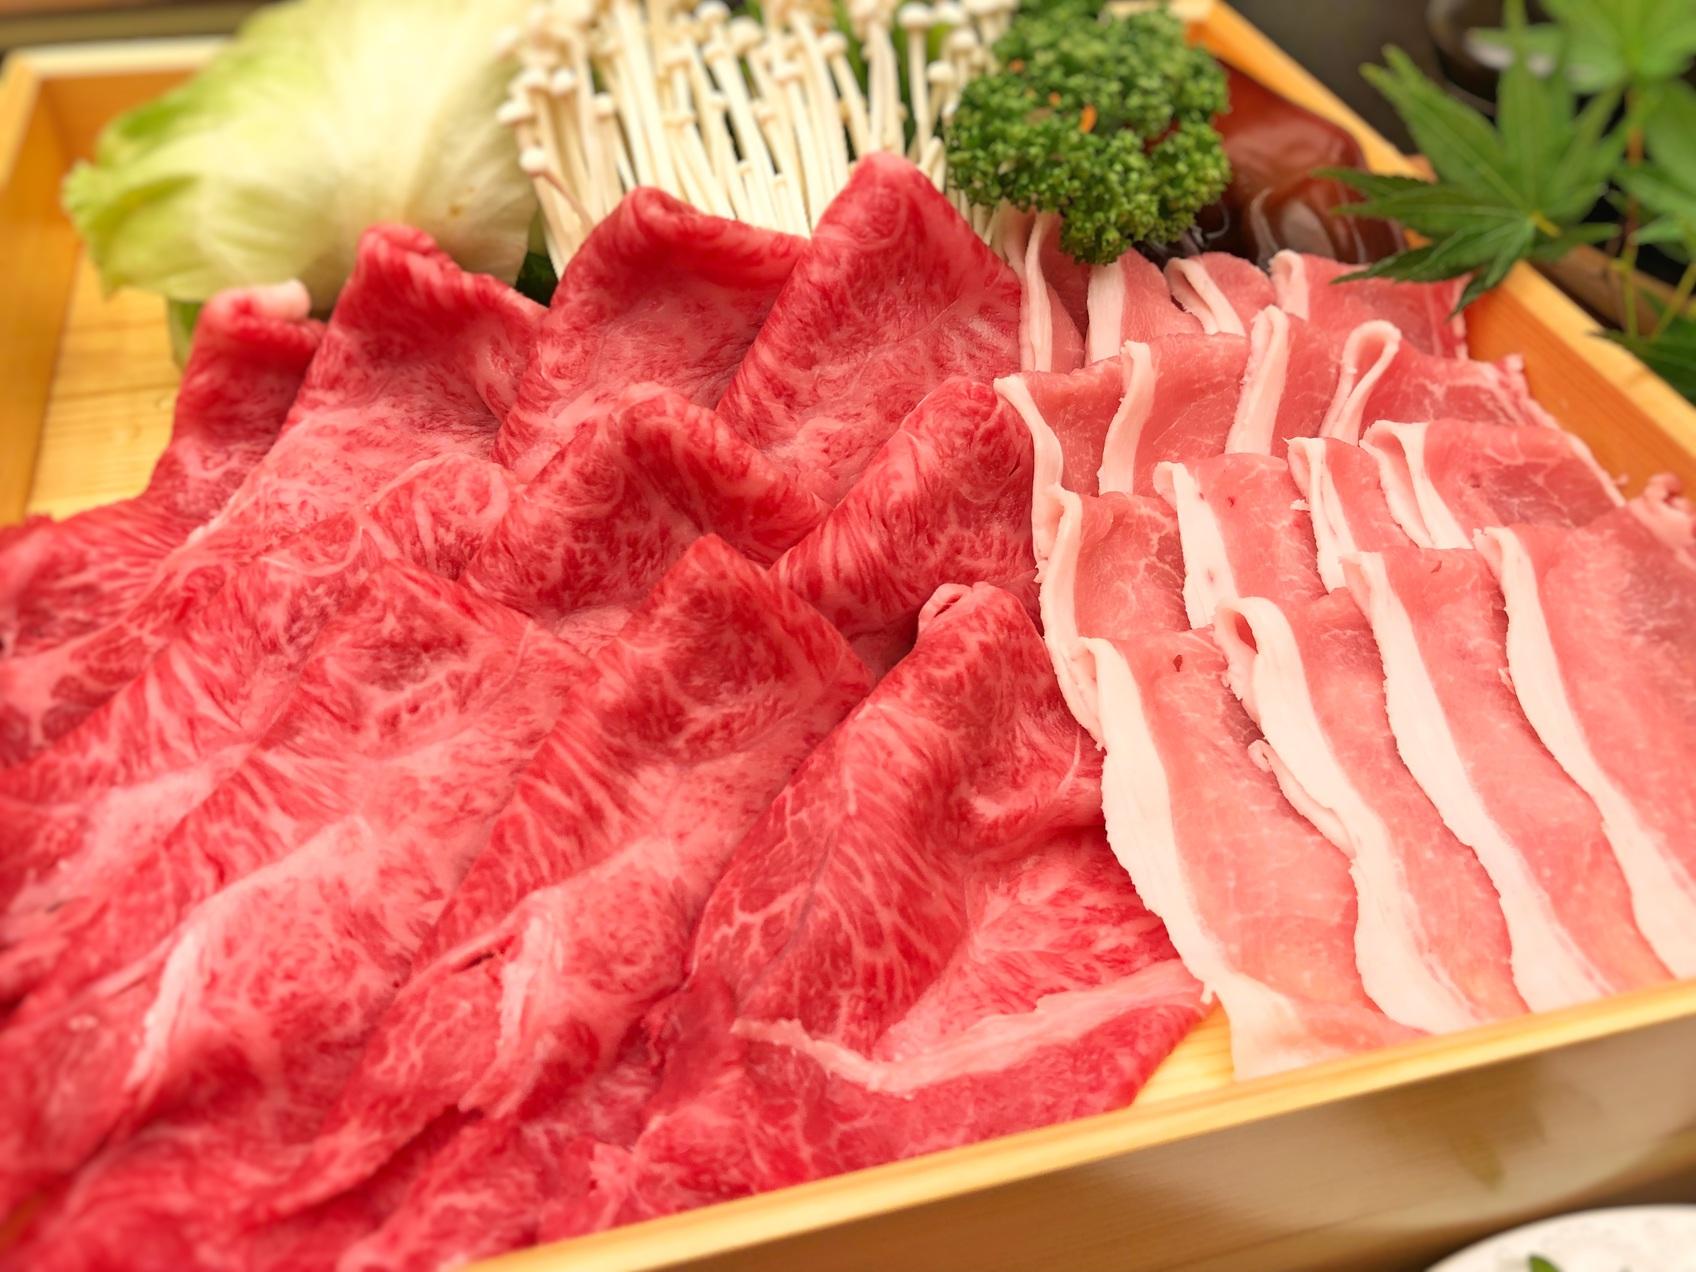 メインは山形牛と庄内豚の合い盛りしゃぶしゃぶ【月膳コース】禁煙ルーム